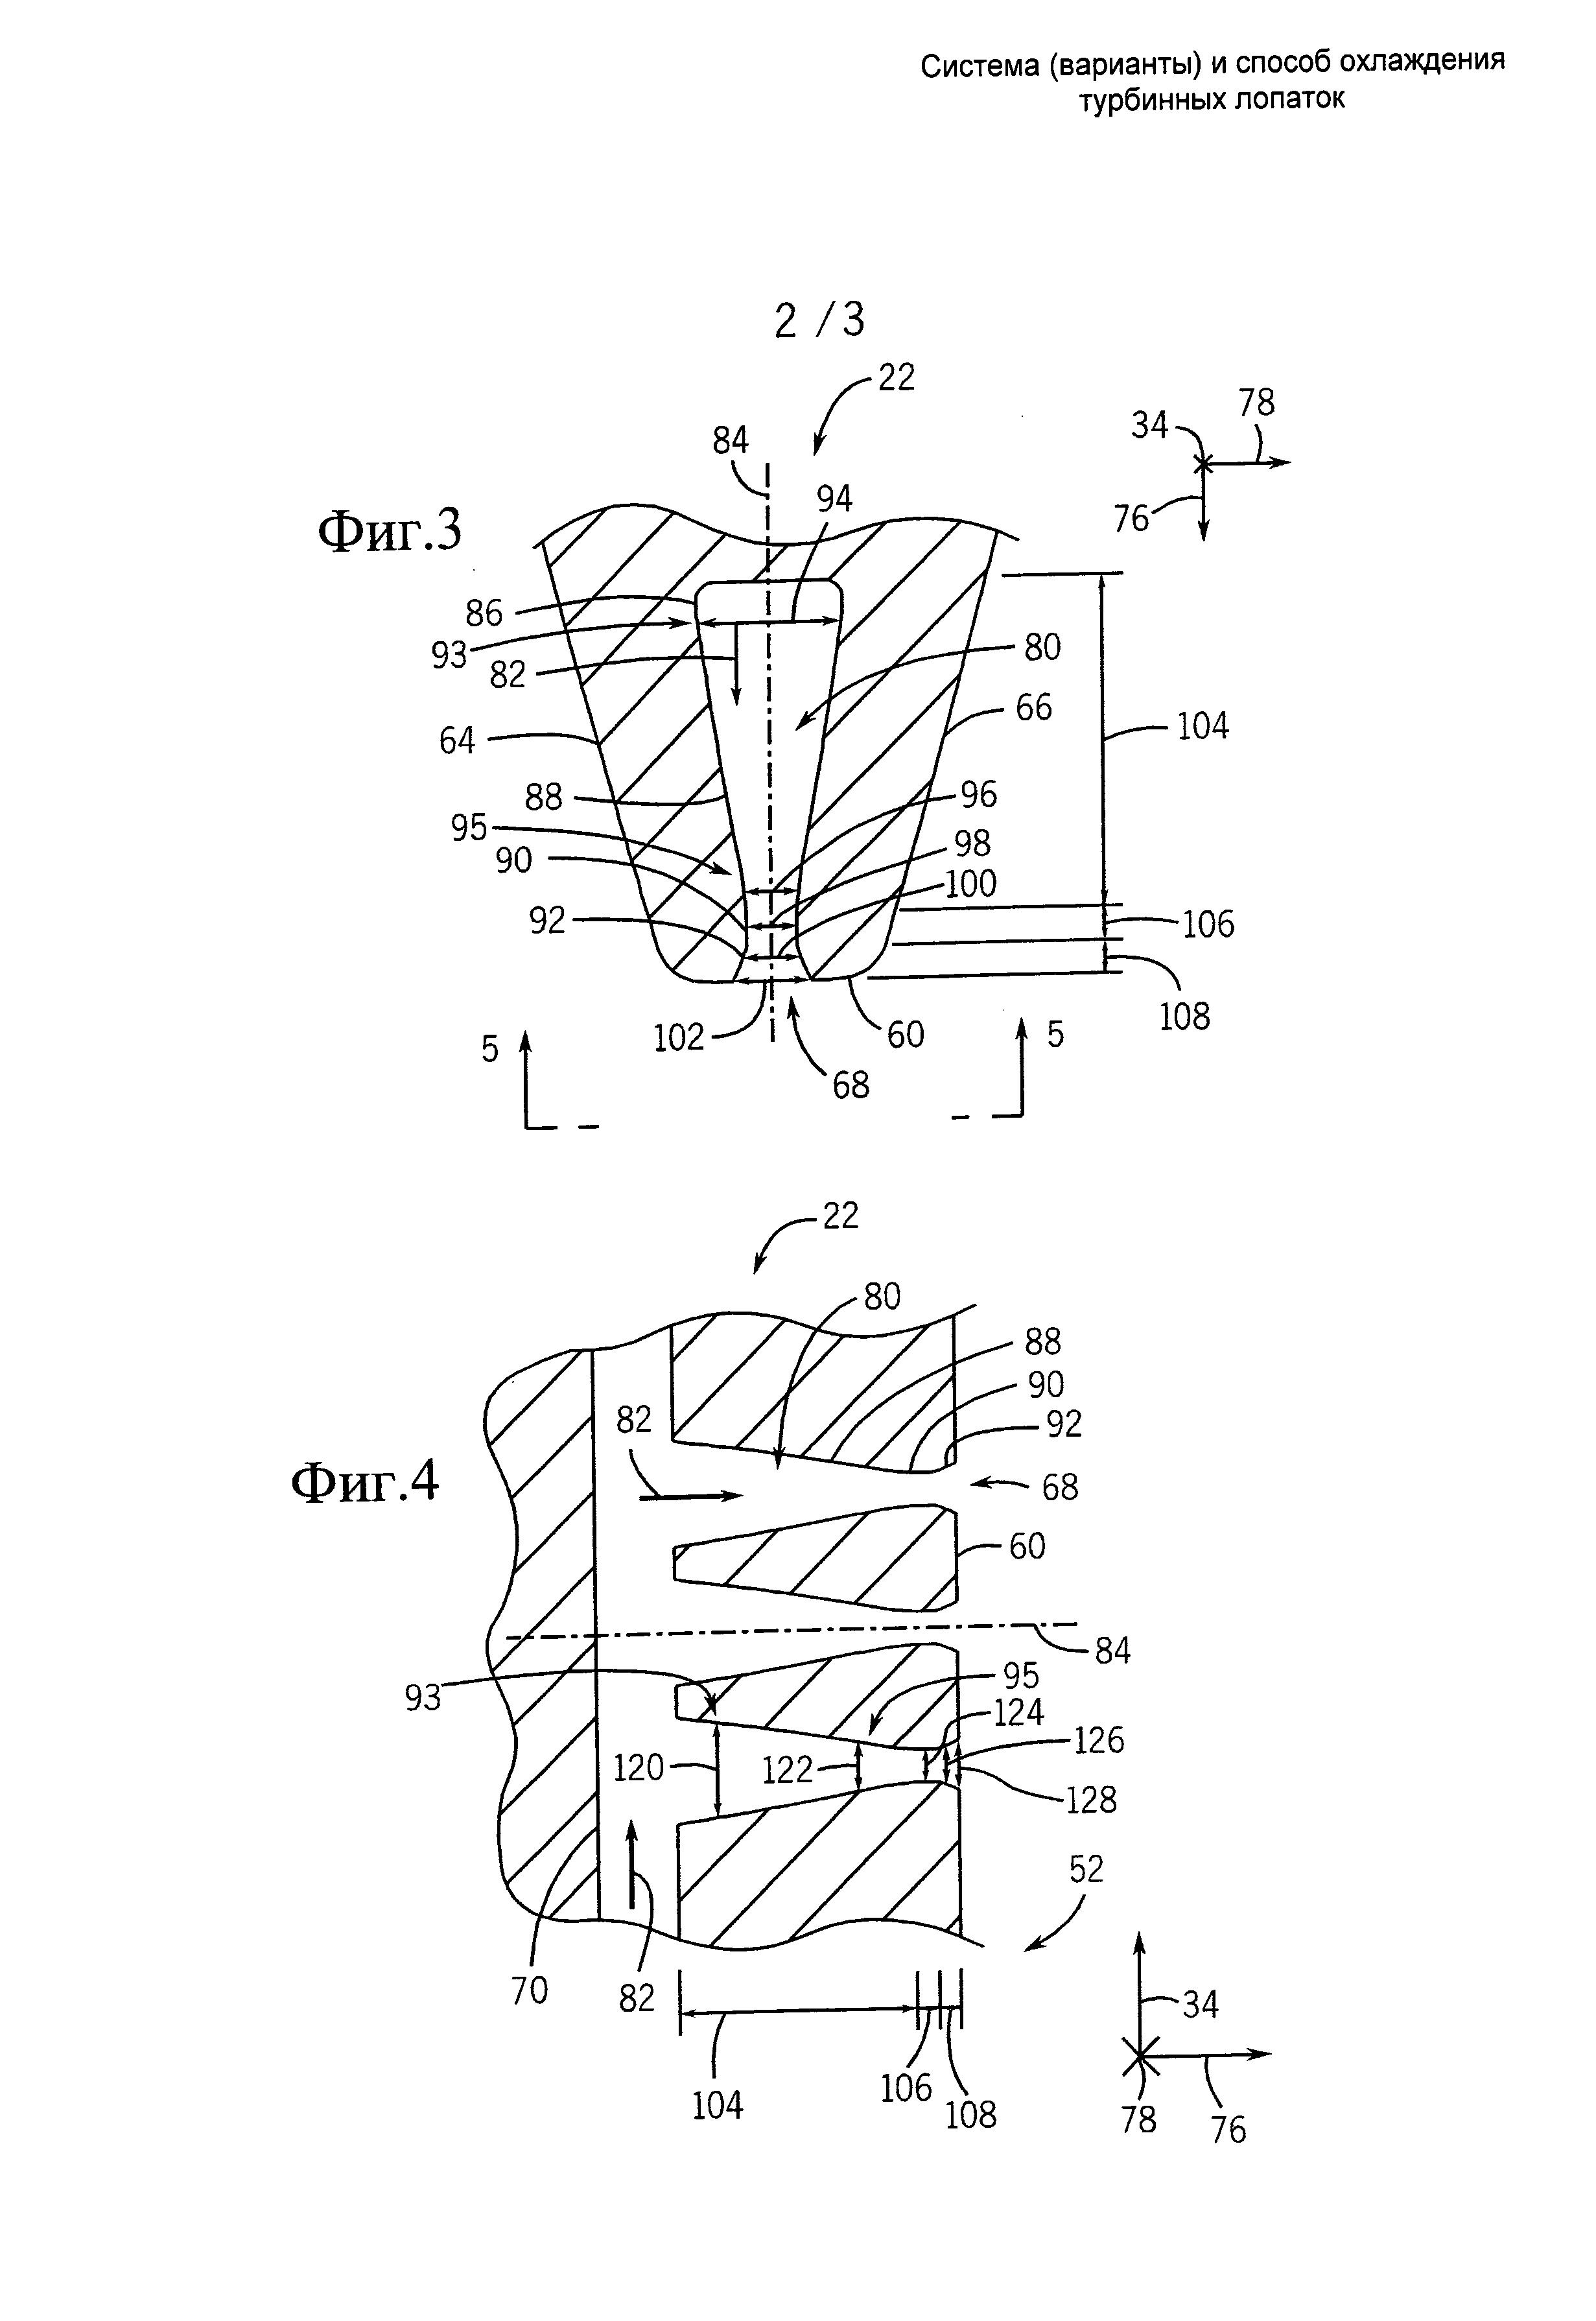 Система (варианты) и способ охлаждения турбинных лопаток